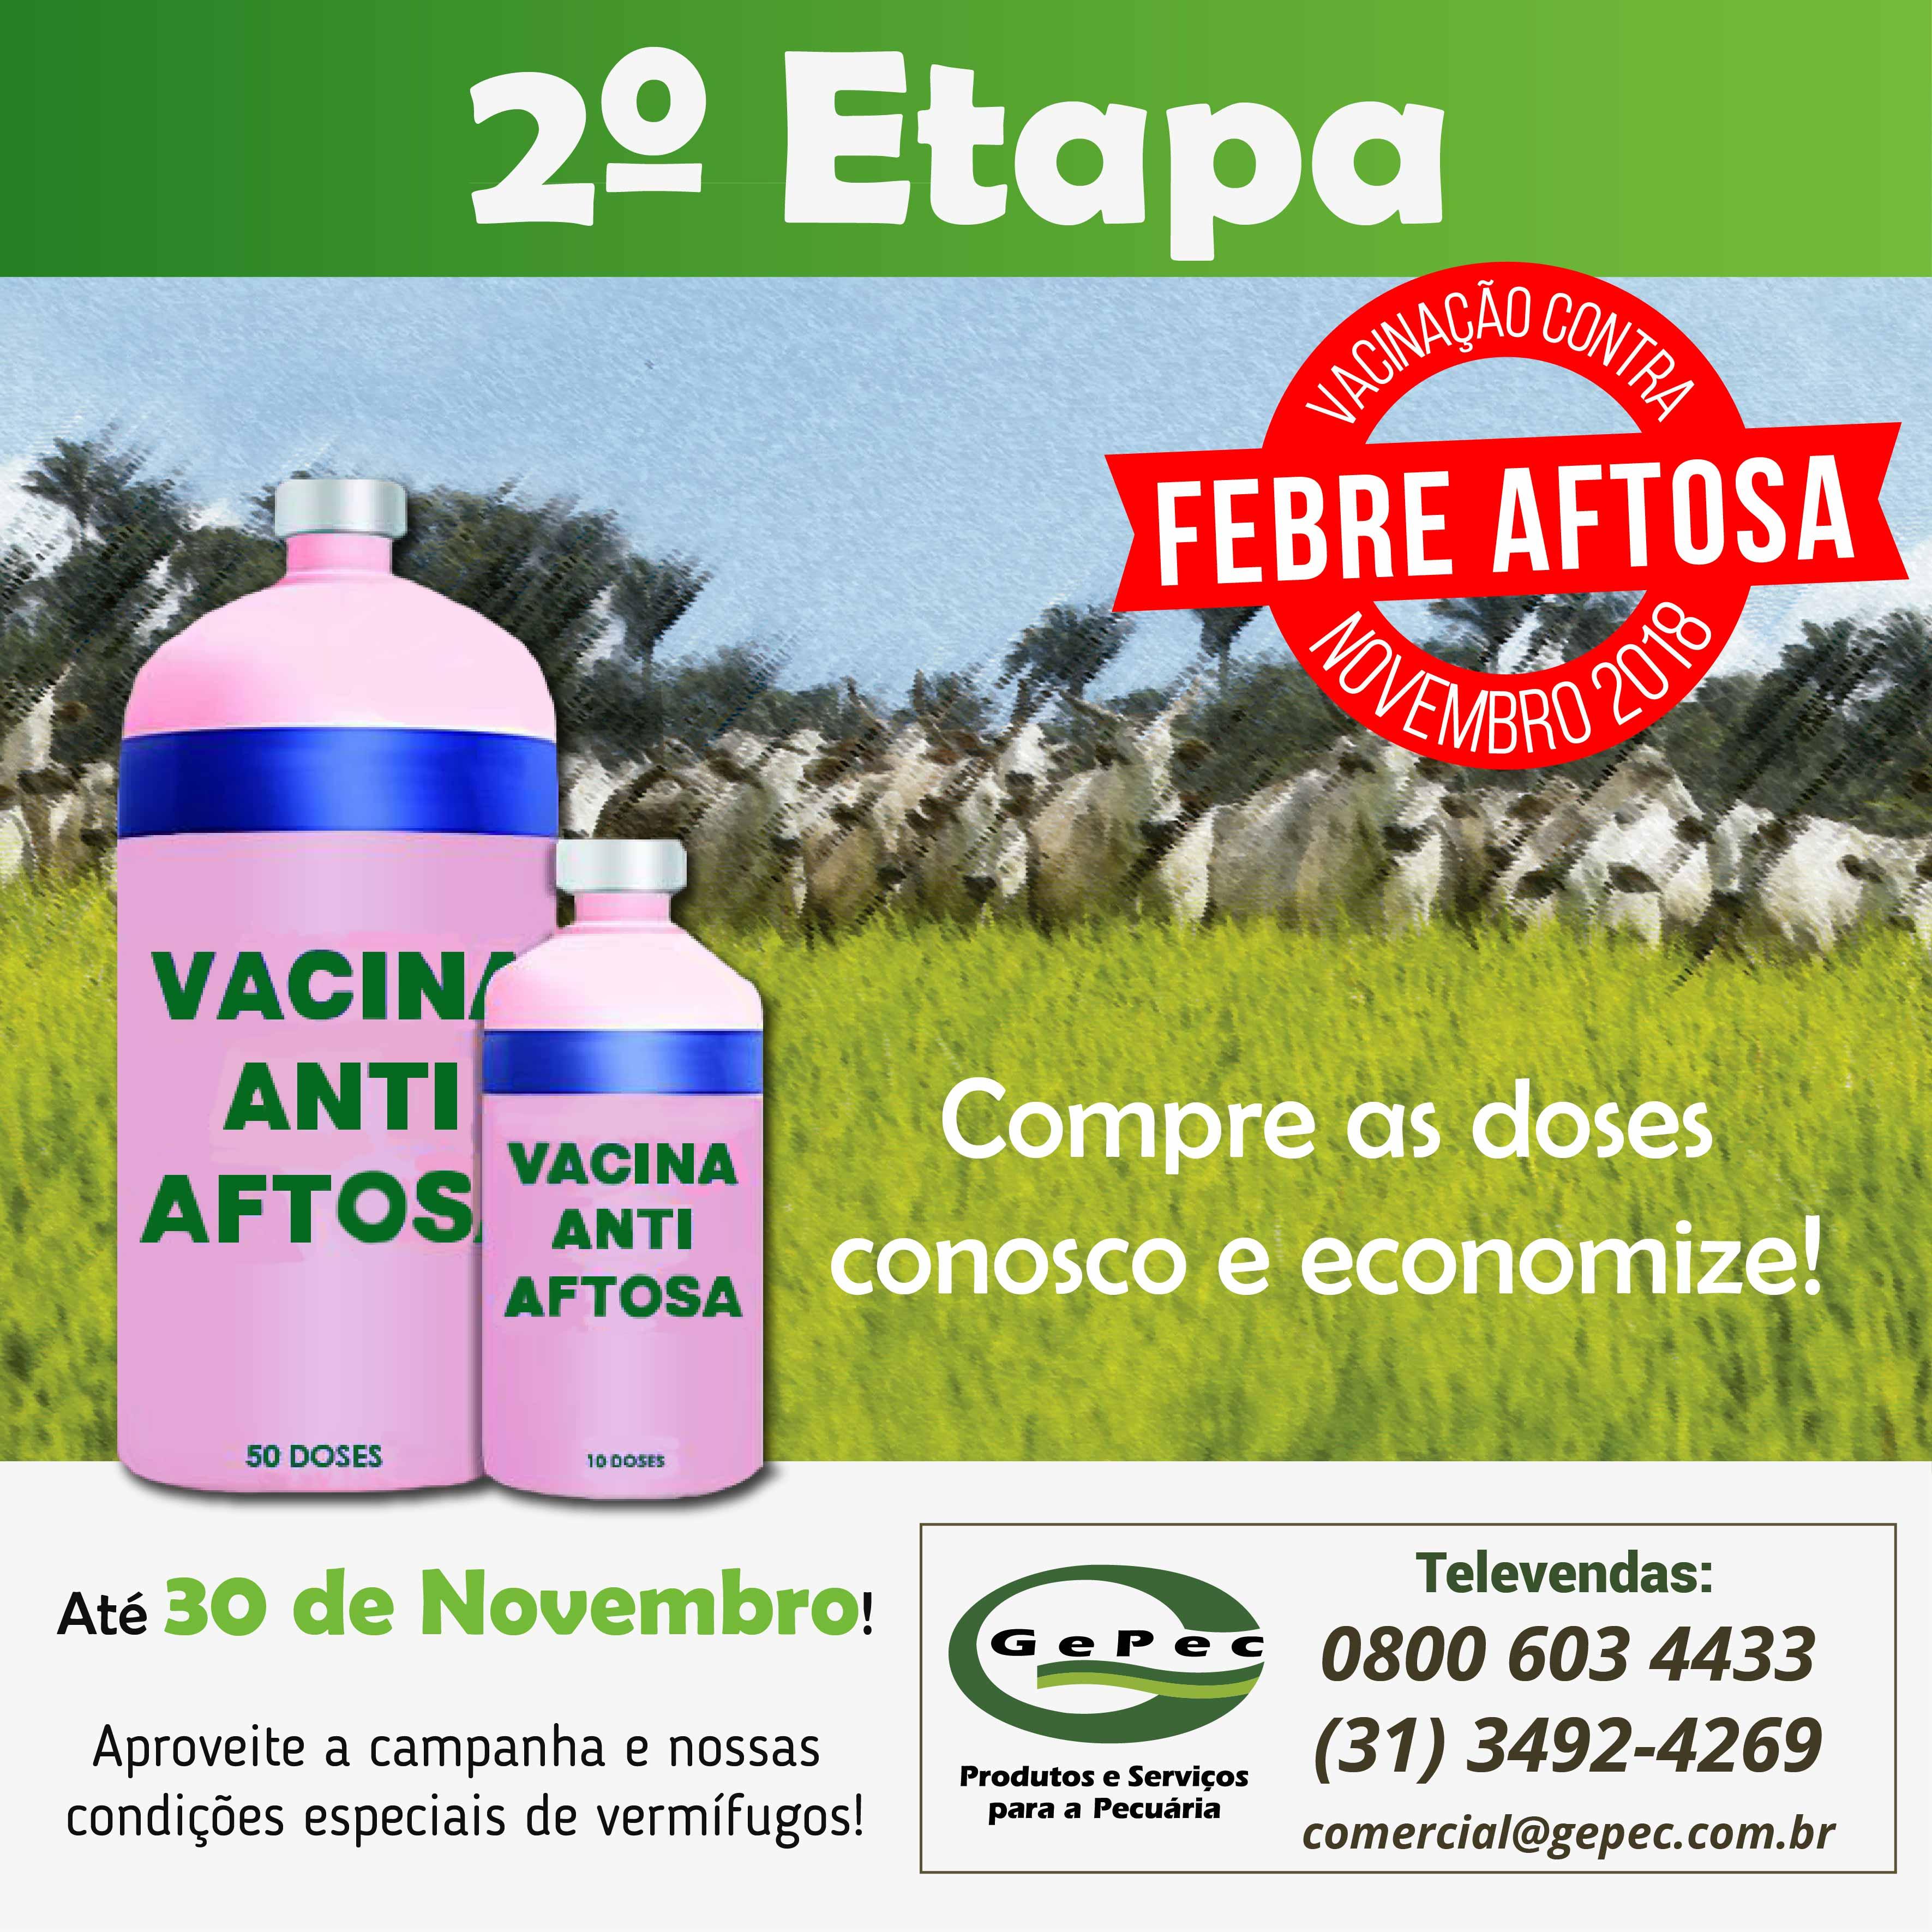 A 2ª fase da campanha contra a febre aftosa já começou e terminará dia 30 de novembro em Minas Gerais.